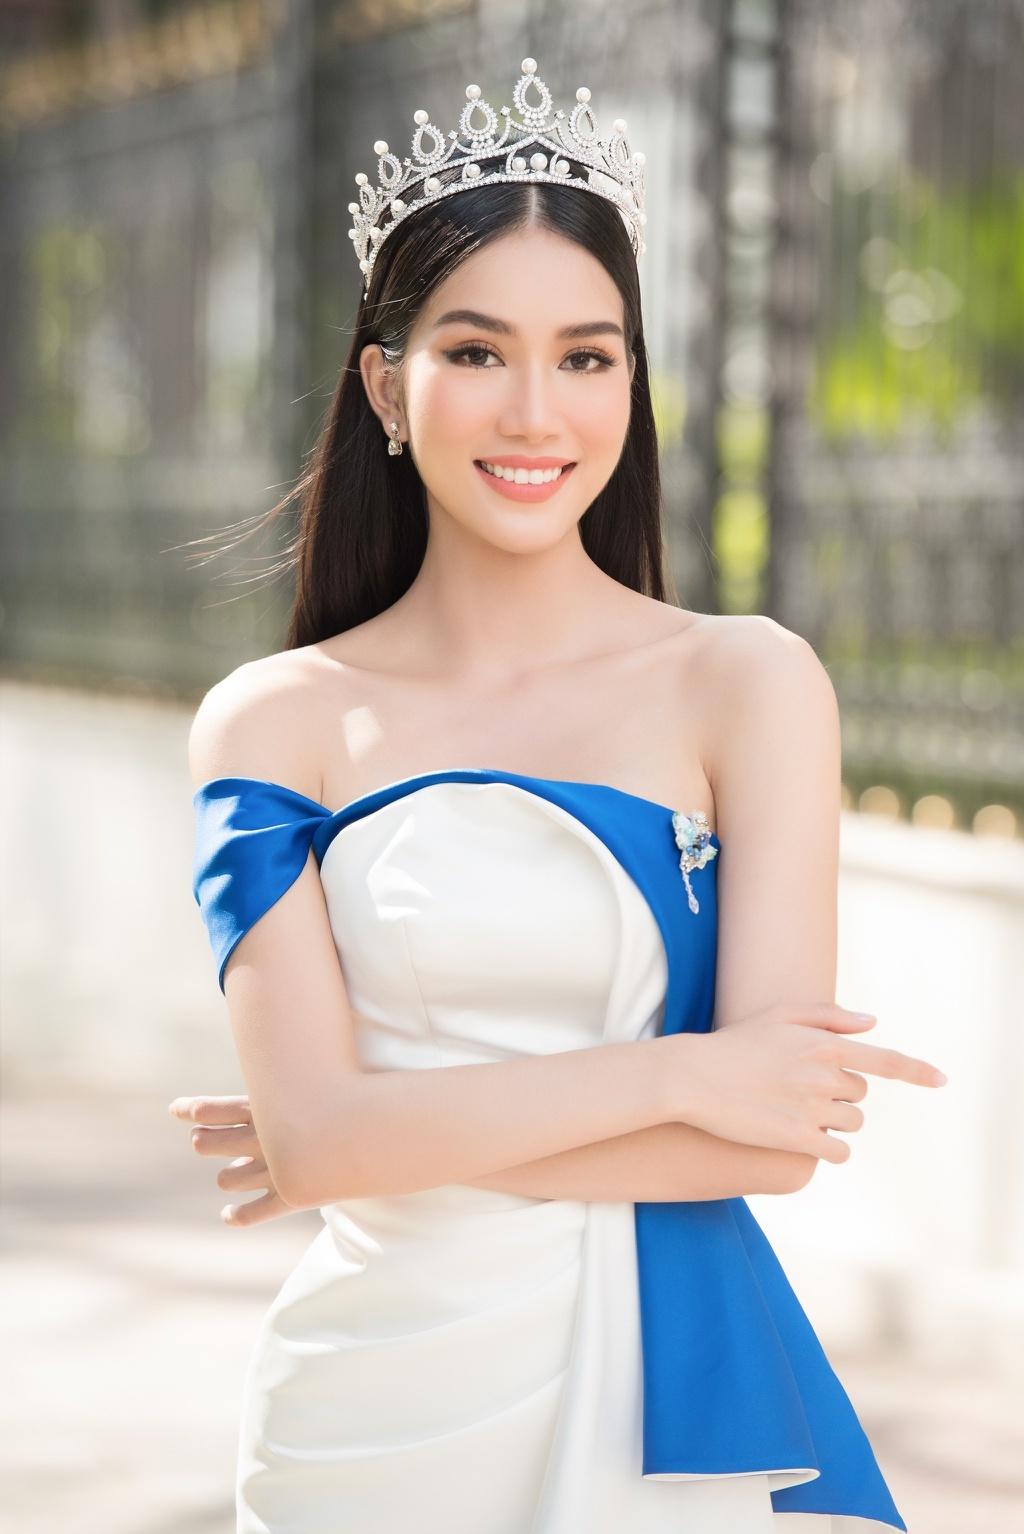 Nhan sắc quyến rũ của tân Hoa hậu Quốc tế Pháp - ảnh 11